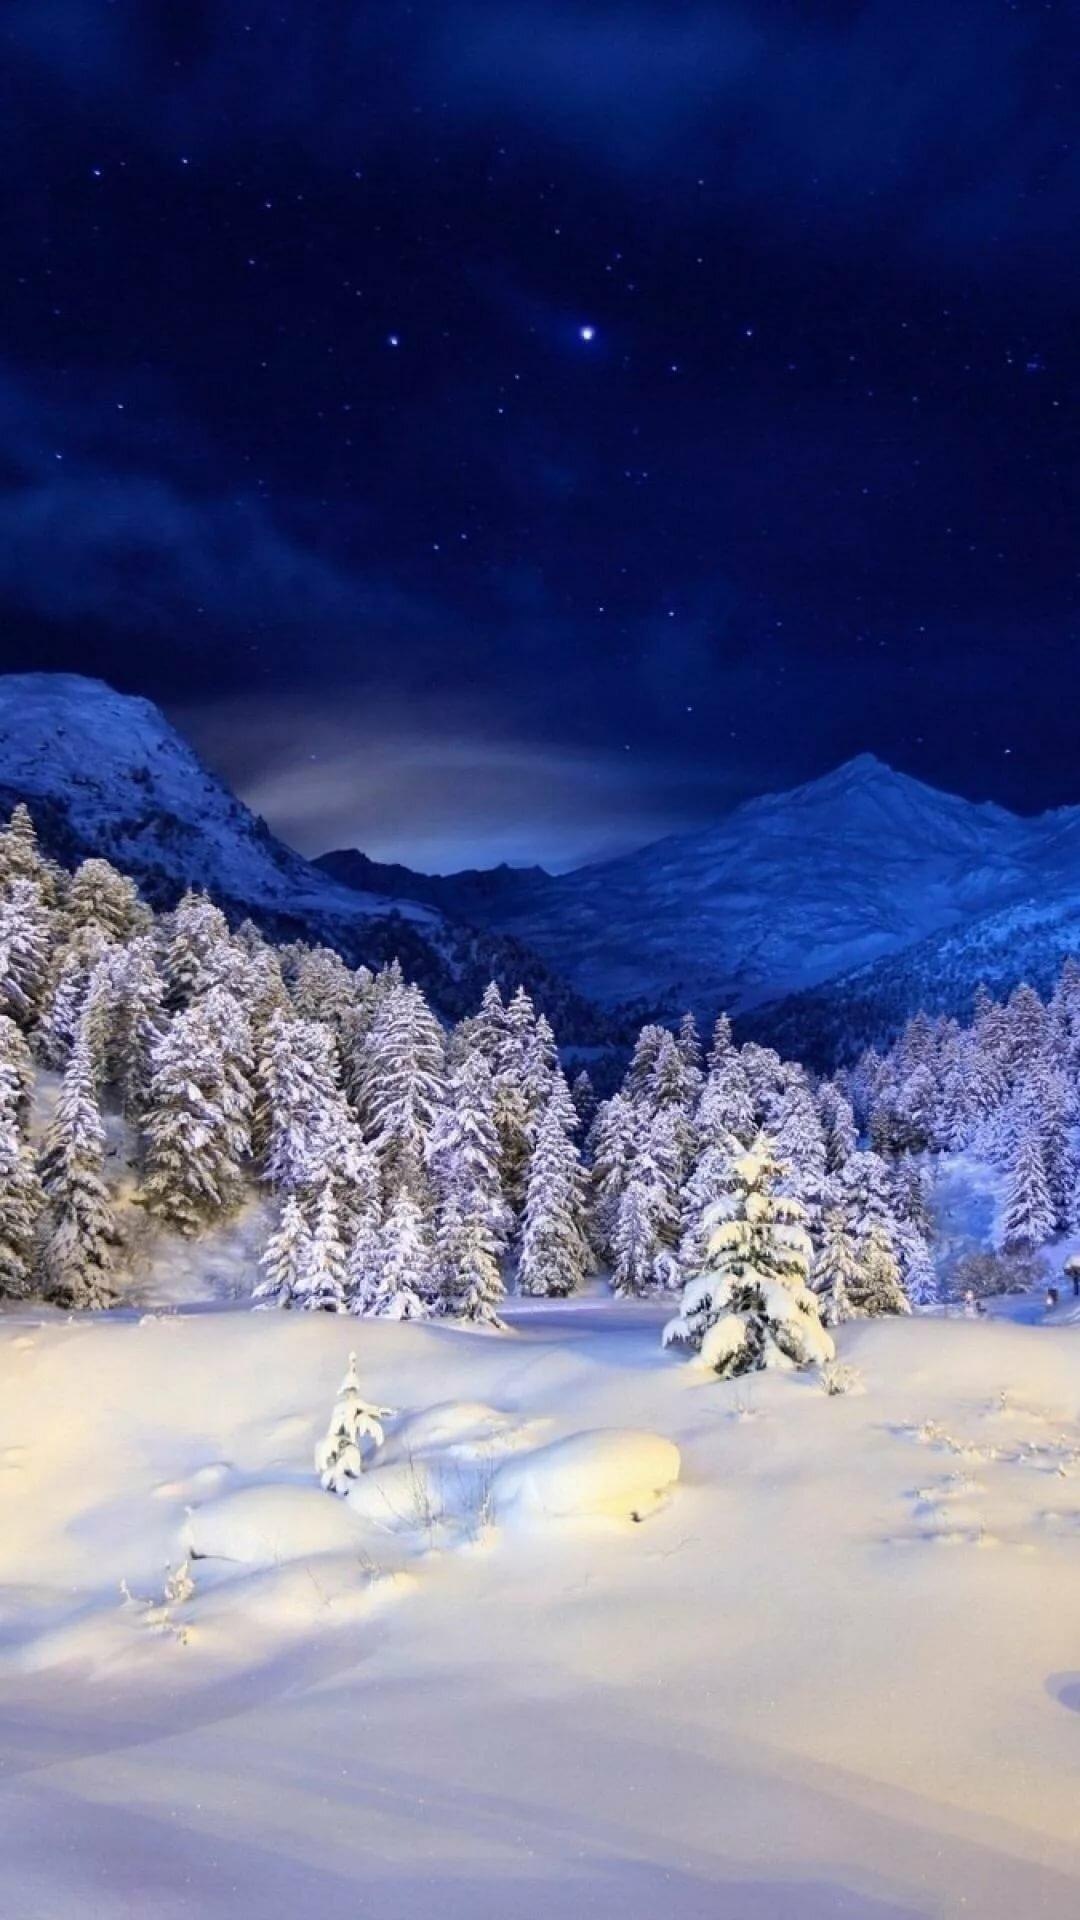 Зима Обои На Телефон Андроид Скачать Бесплатно